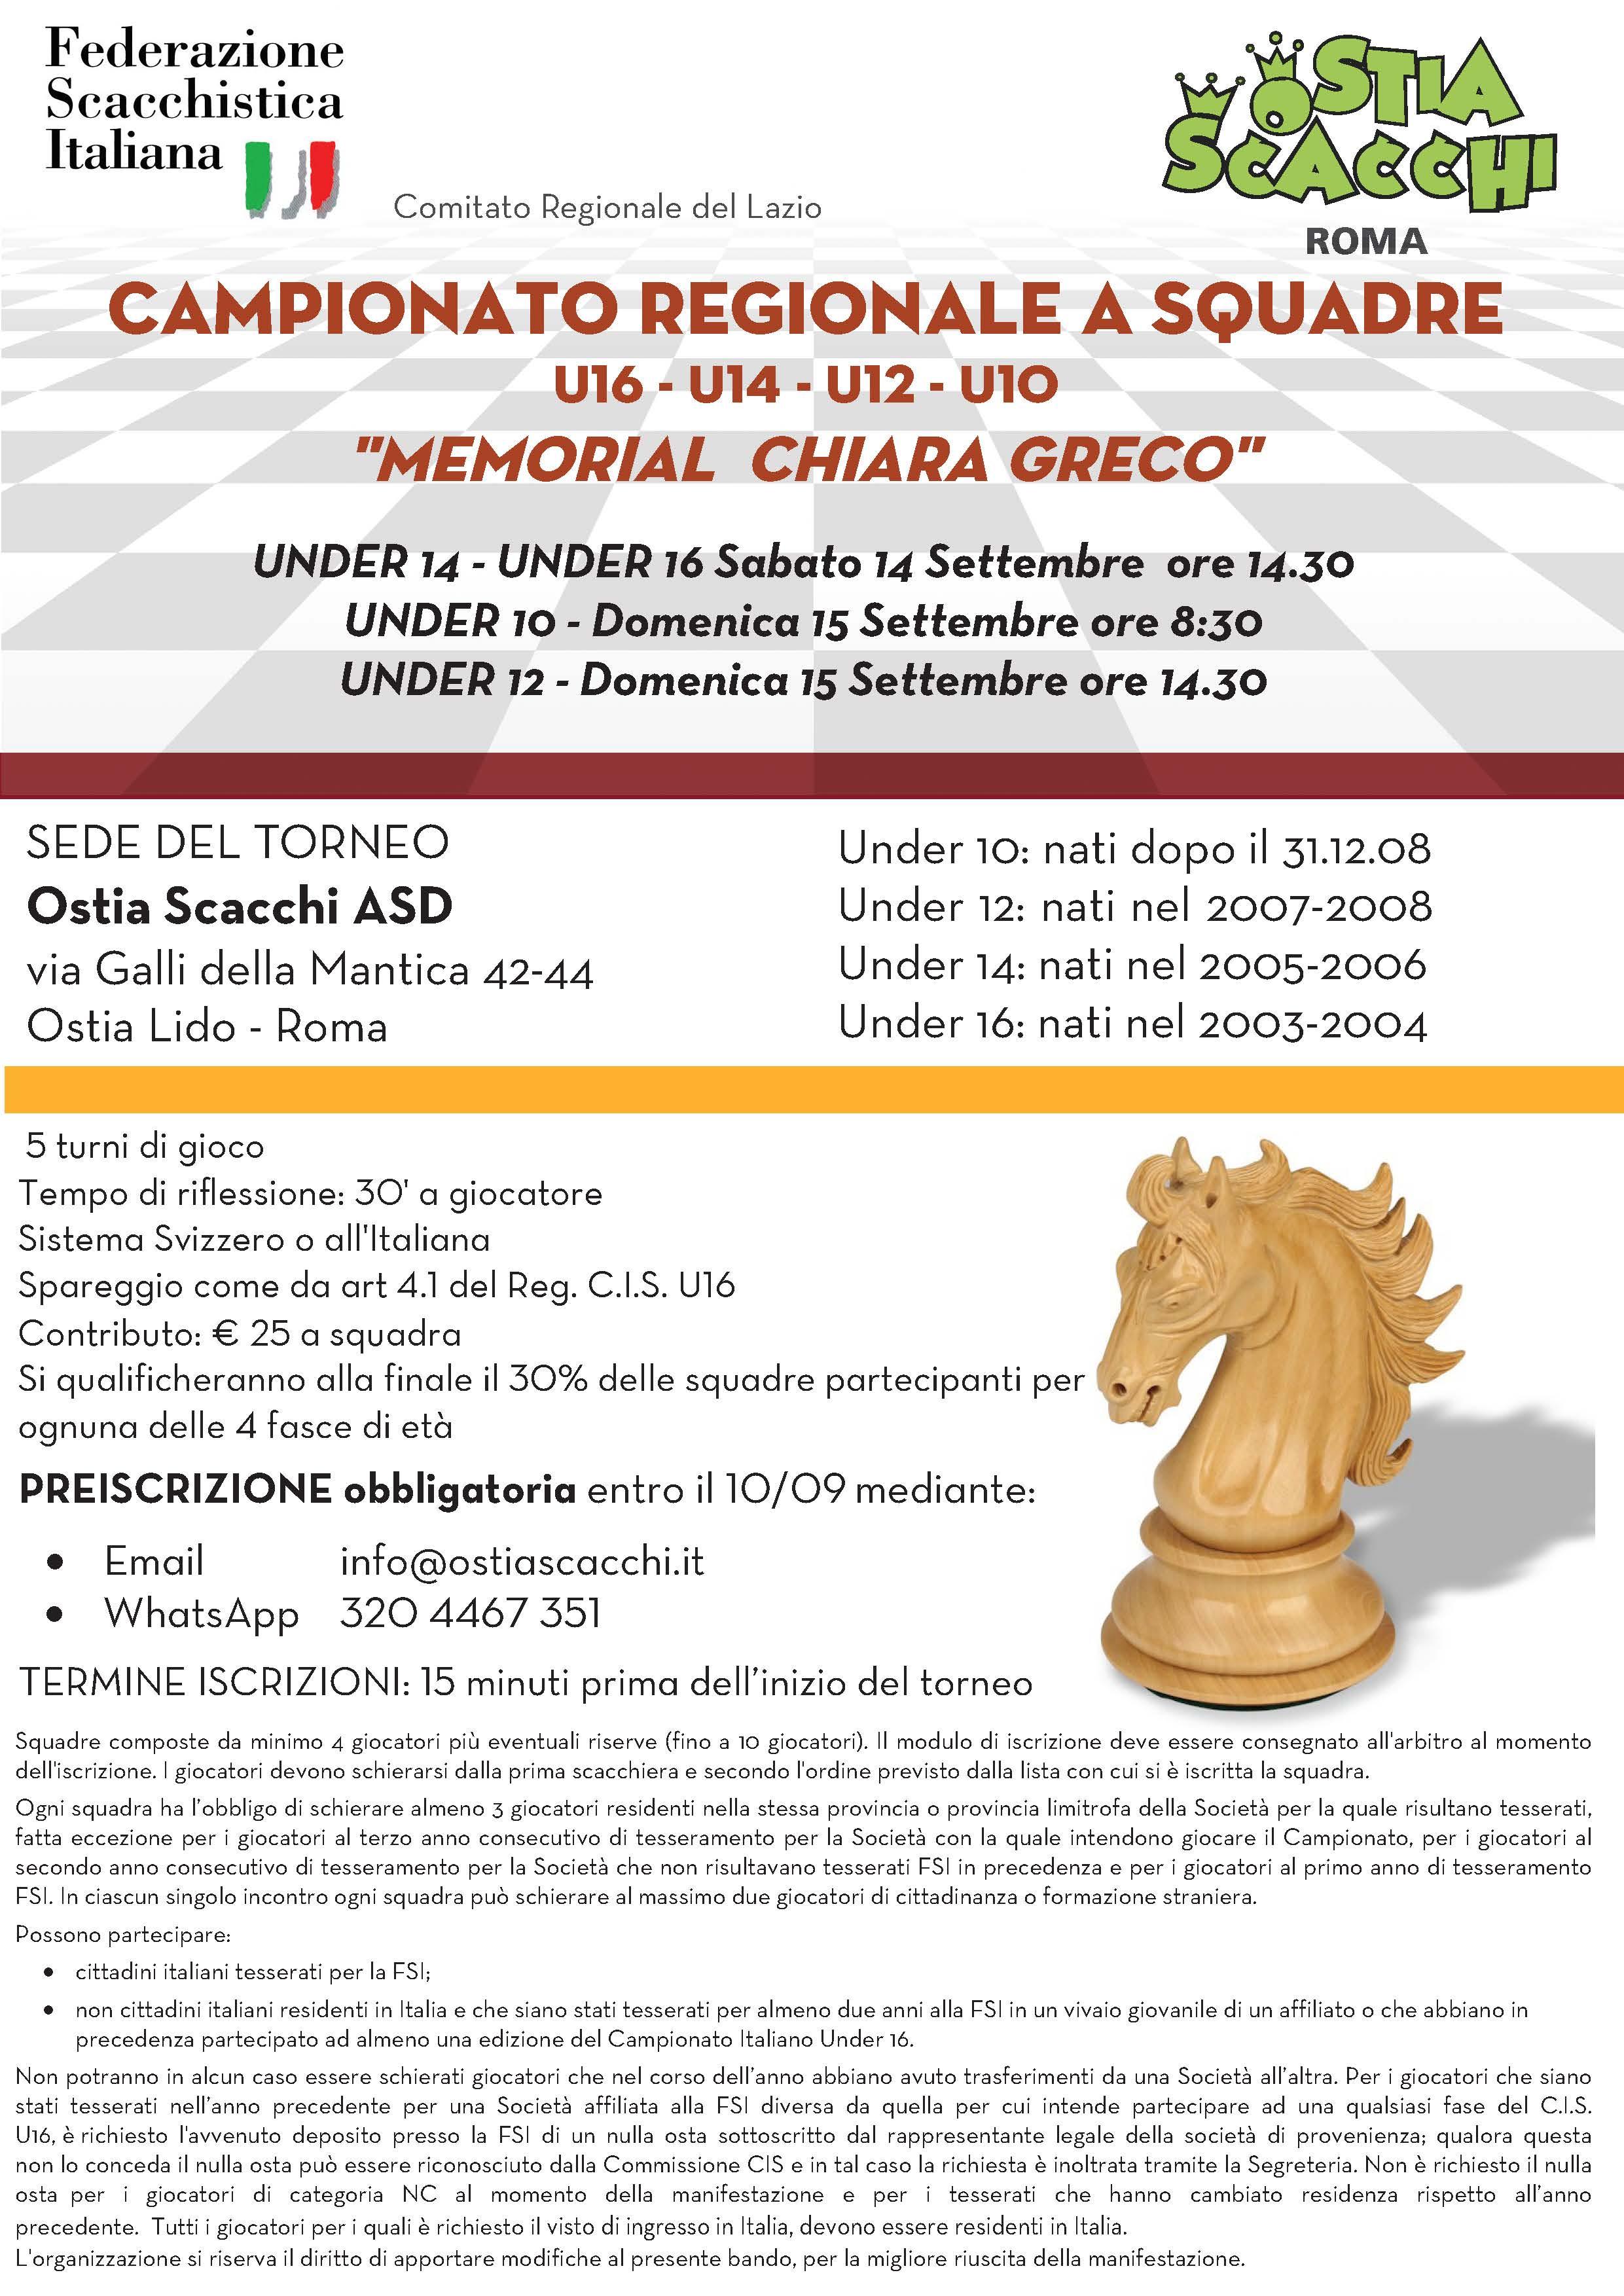 Fsi Scacchi Calendario.Comitato Regionale Lazio Fsi